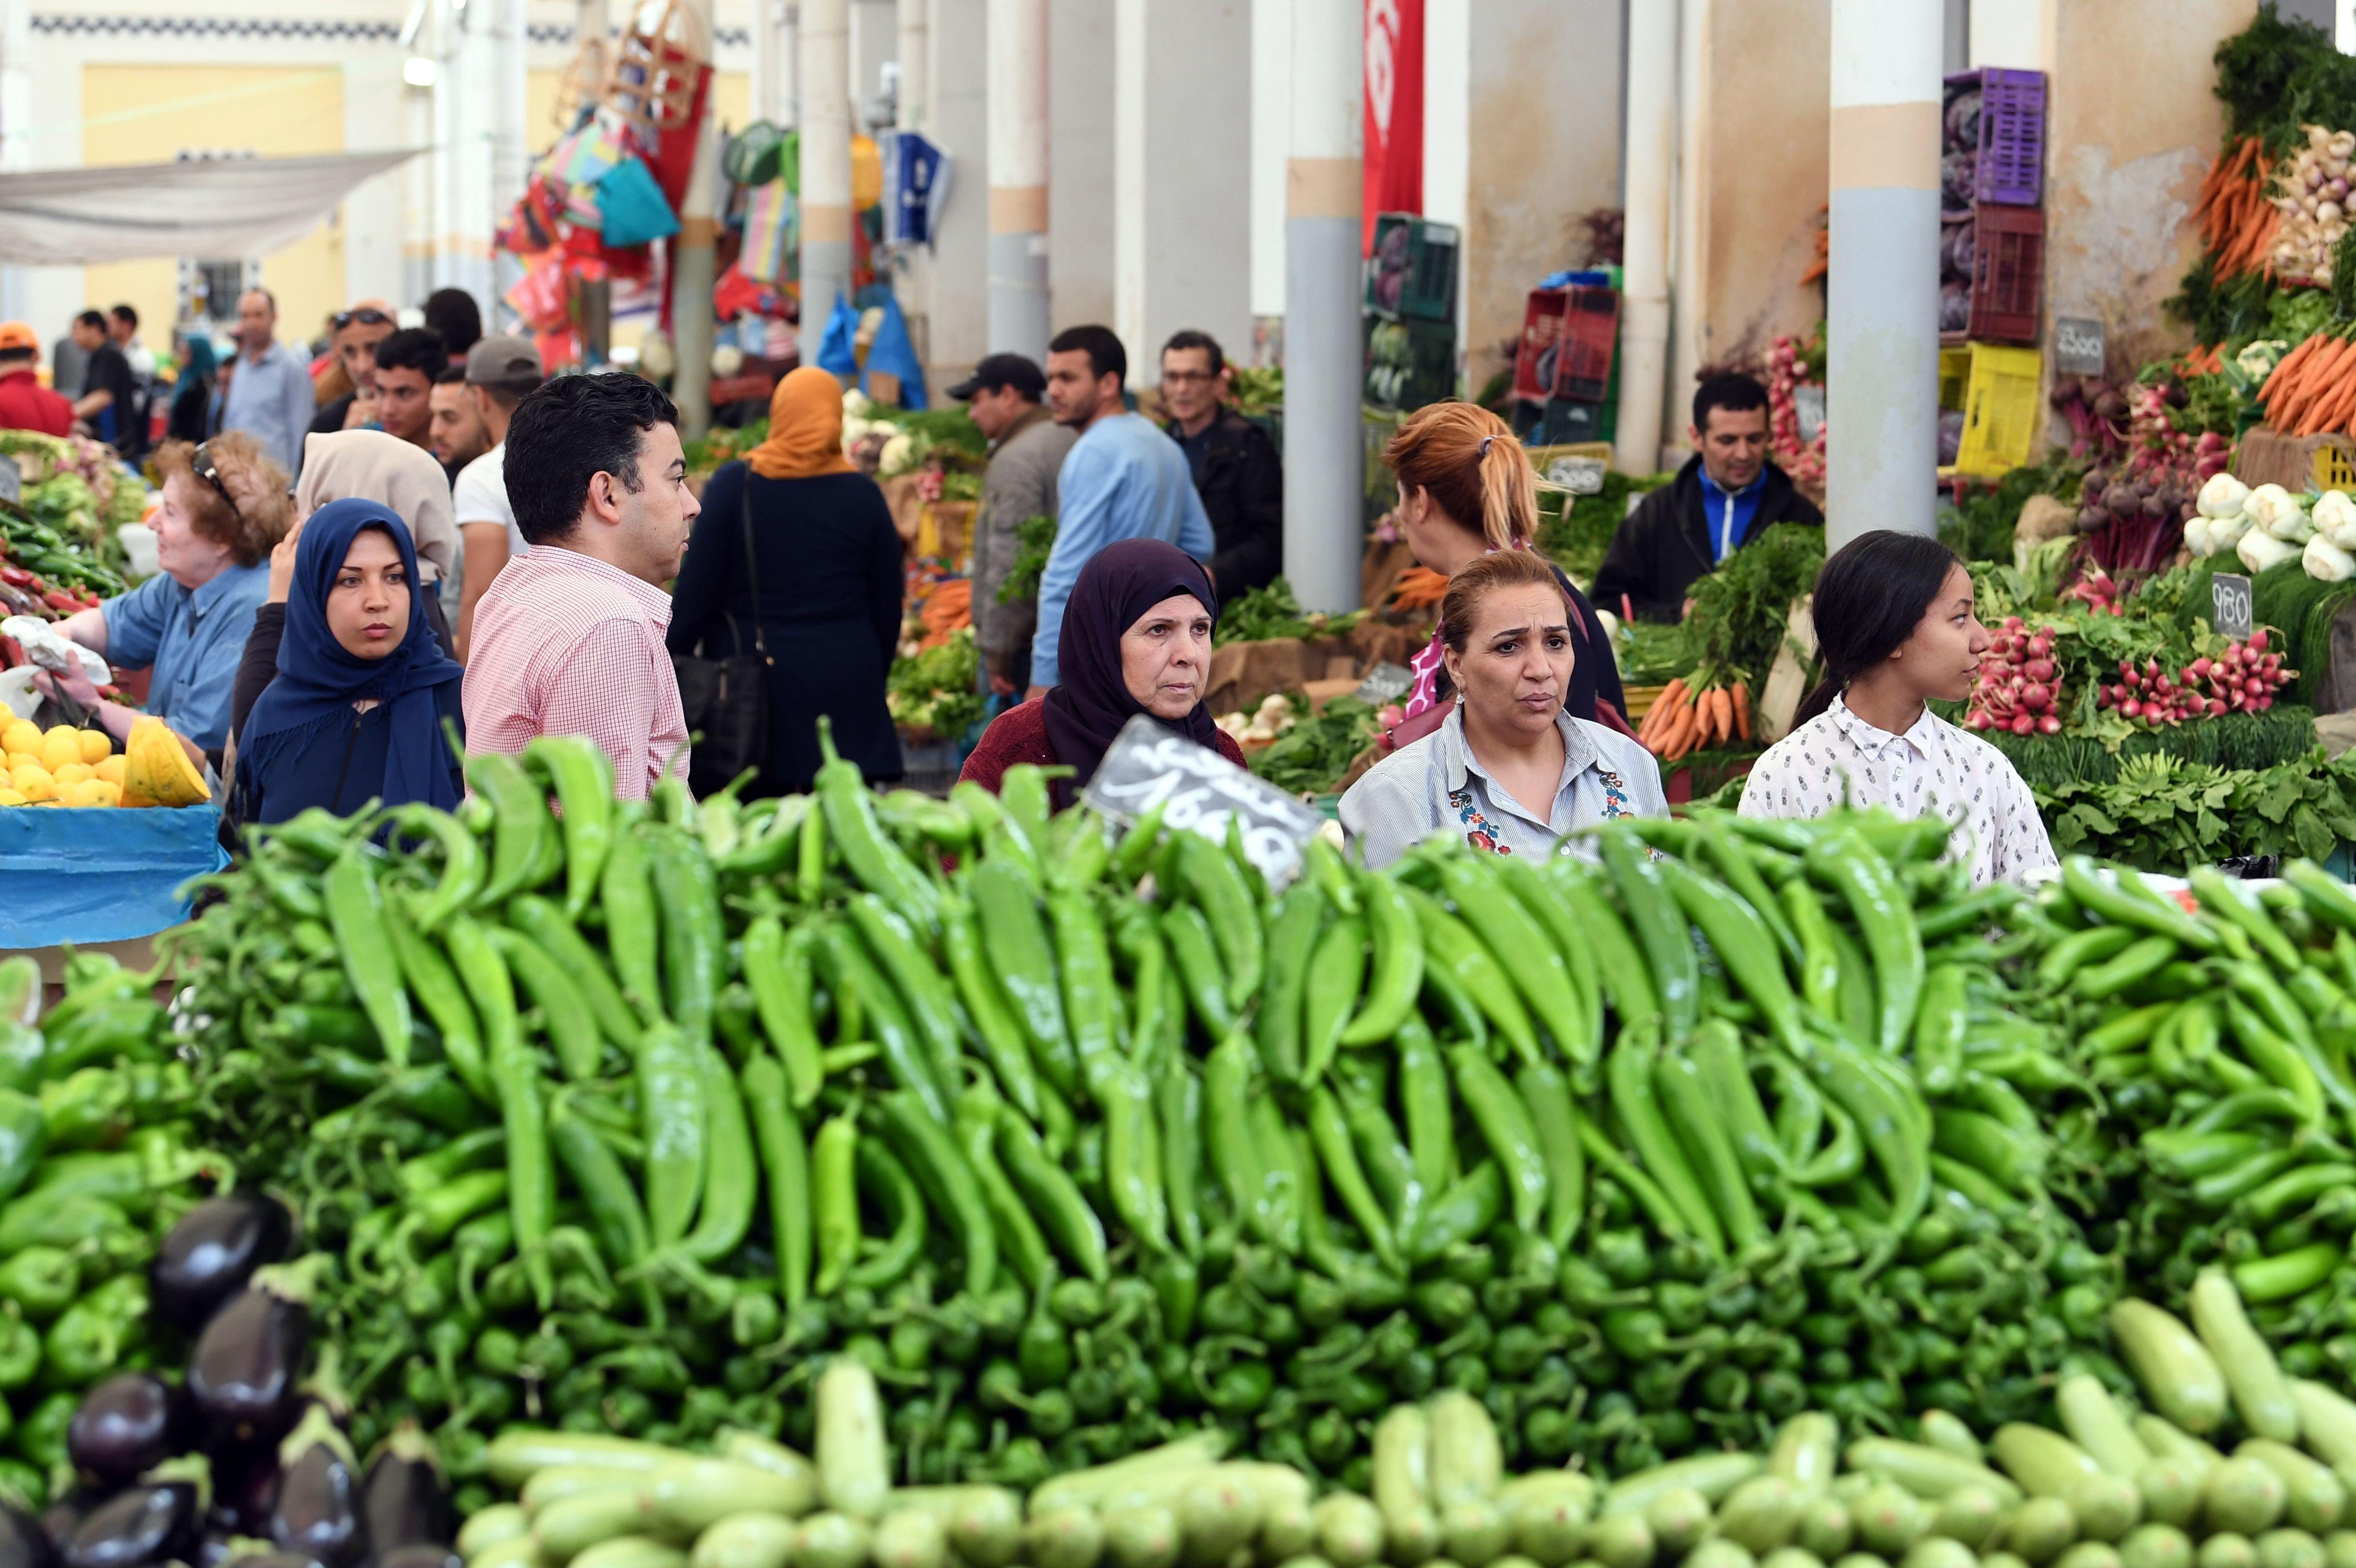 Prix au marché de gros de Bir El Kassaa: Guerre des chiffres entre le ministère de l'Agriculture et le ministère du